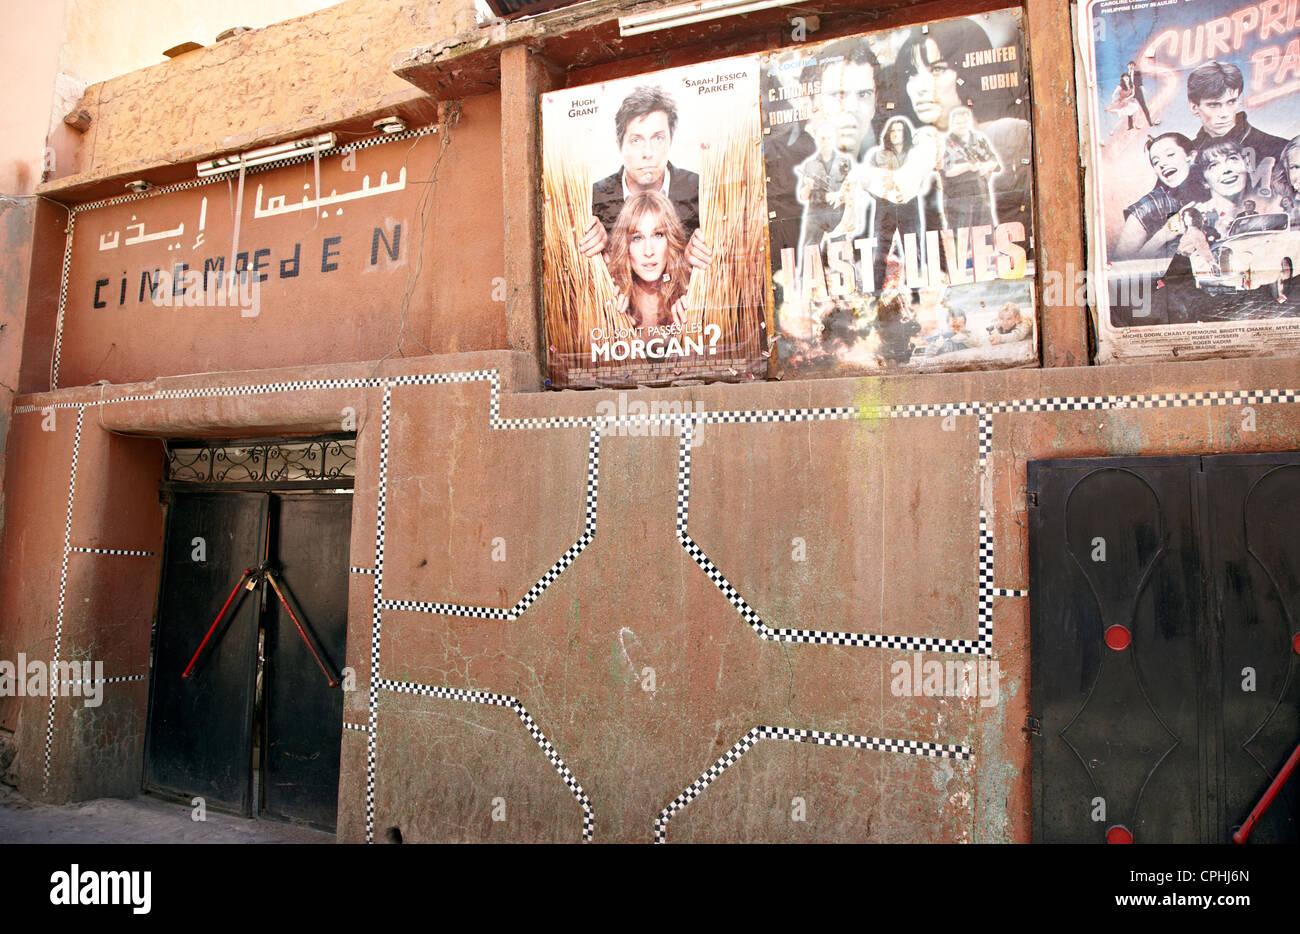 Cinéma La plus ancienne au Maroc Marrakech Maroc Banque D'Images